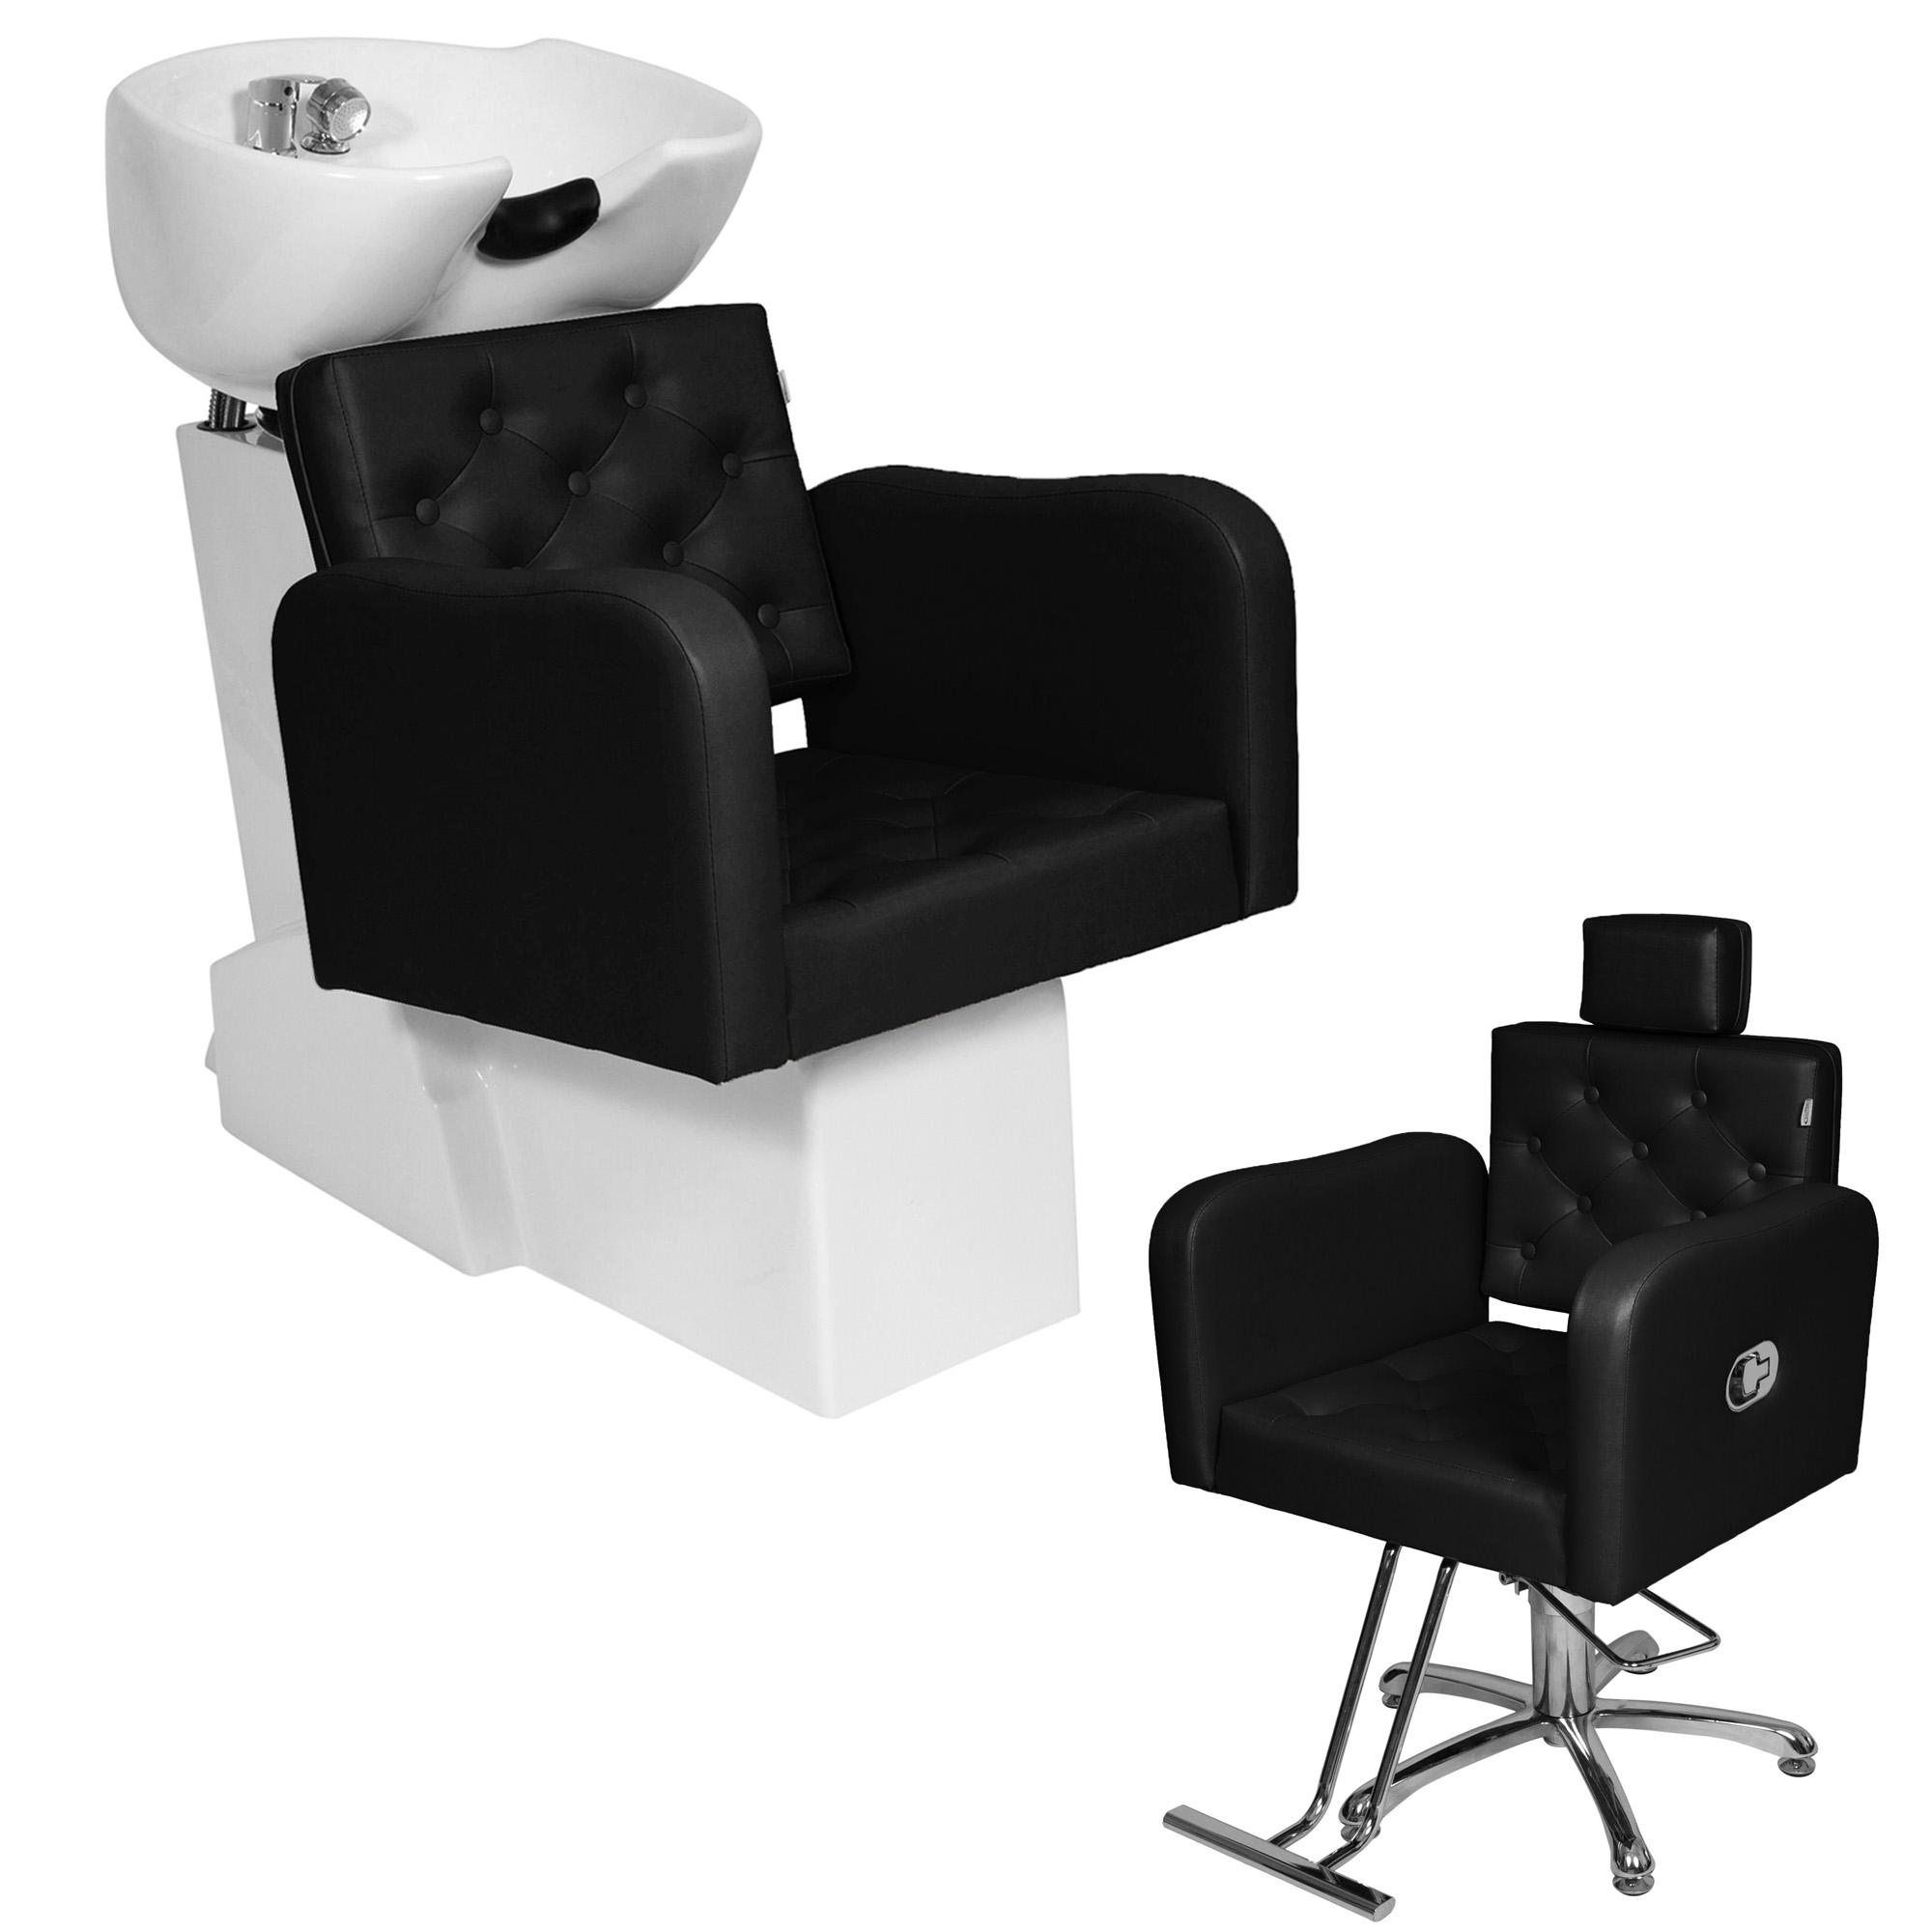 Kit Lavatório + Cadeira Poltrona Reclinável Tokyo